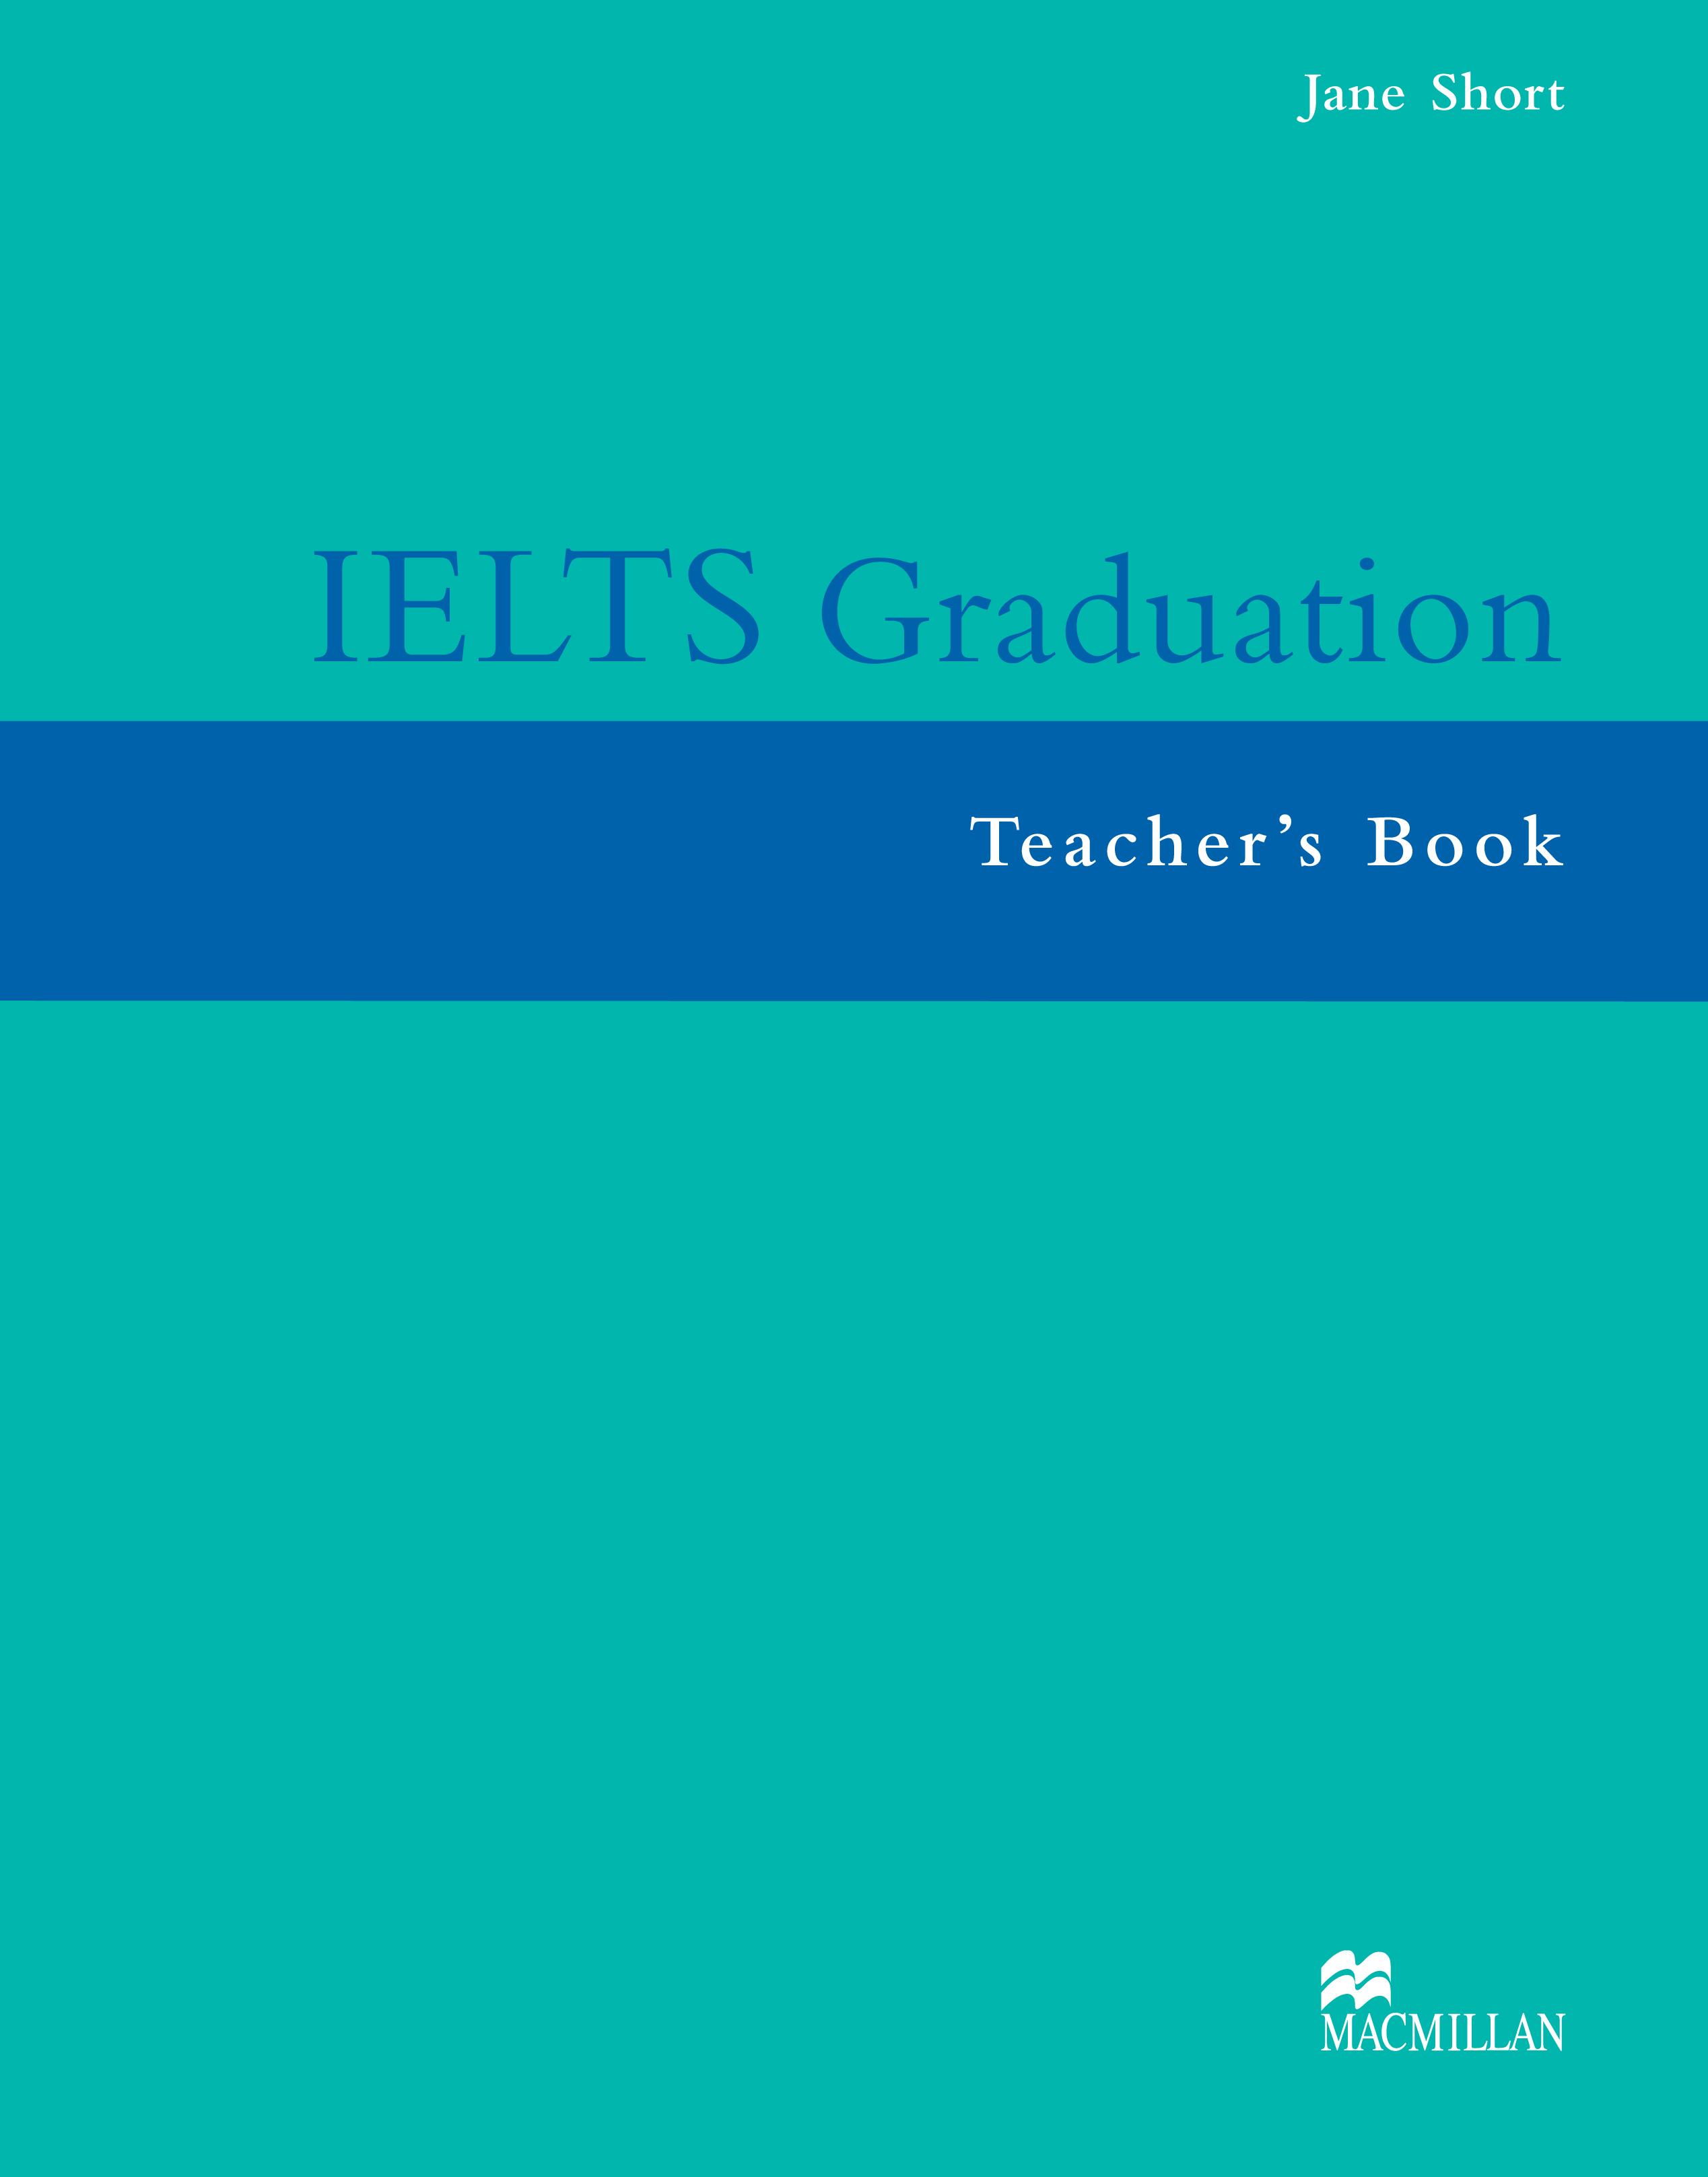 IELTS Graduation Teacher